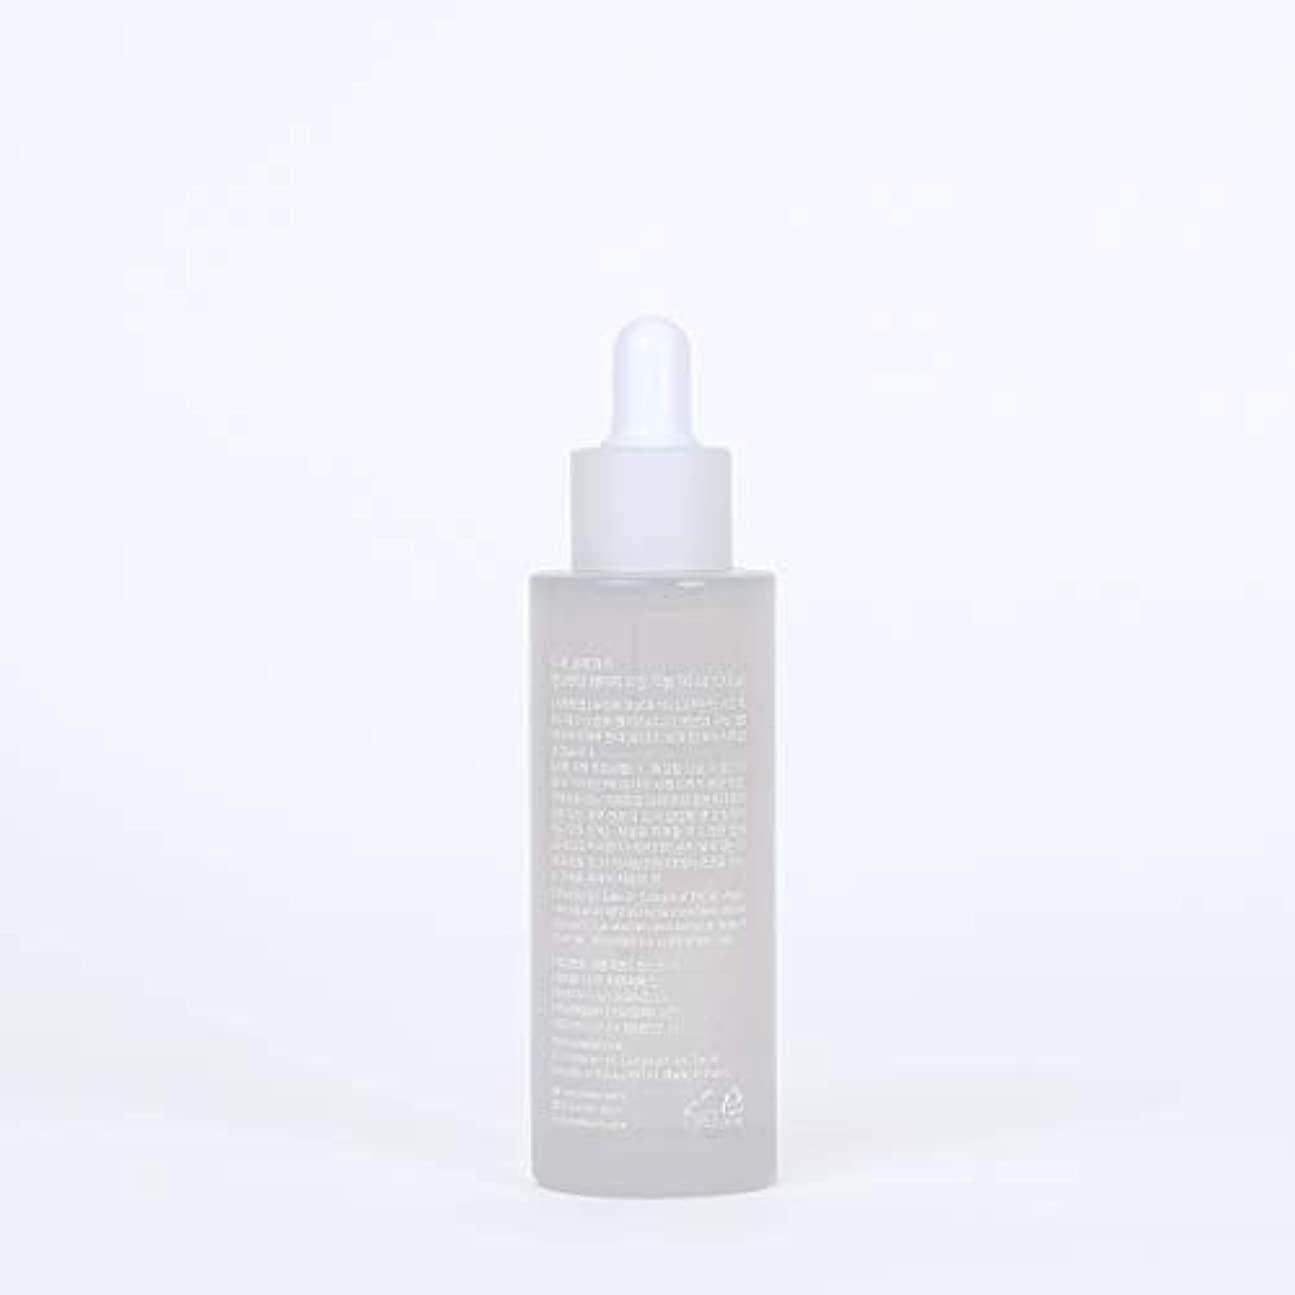 数道徳敏感な【クレアス(Klairs)】ファンダメンタルウォーターリーオイルドロップ, Fundamental Watery Oil Drop, 50ml, [並行輸入品]